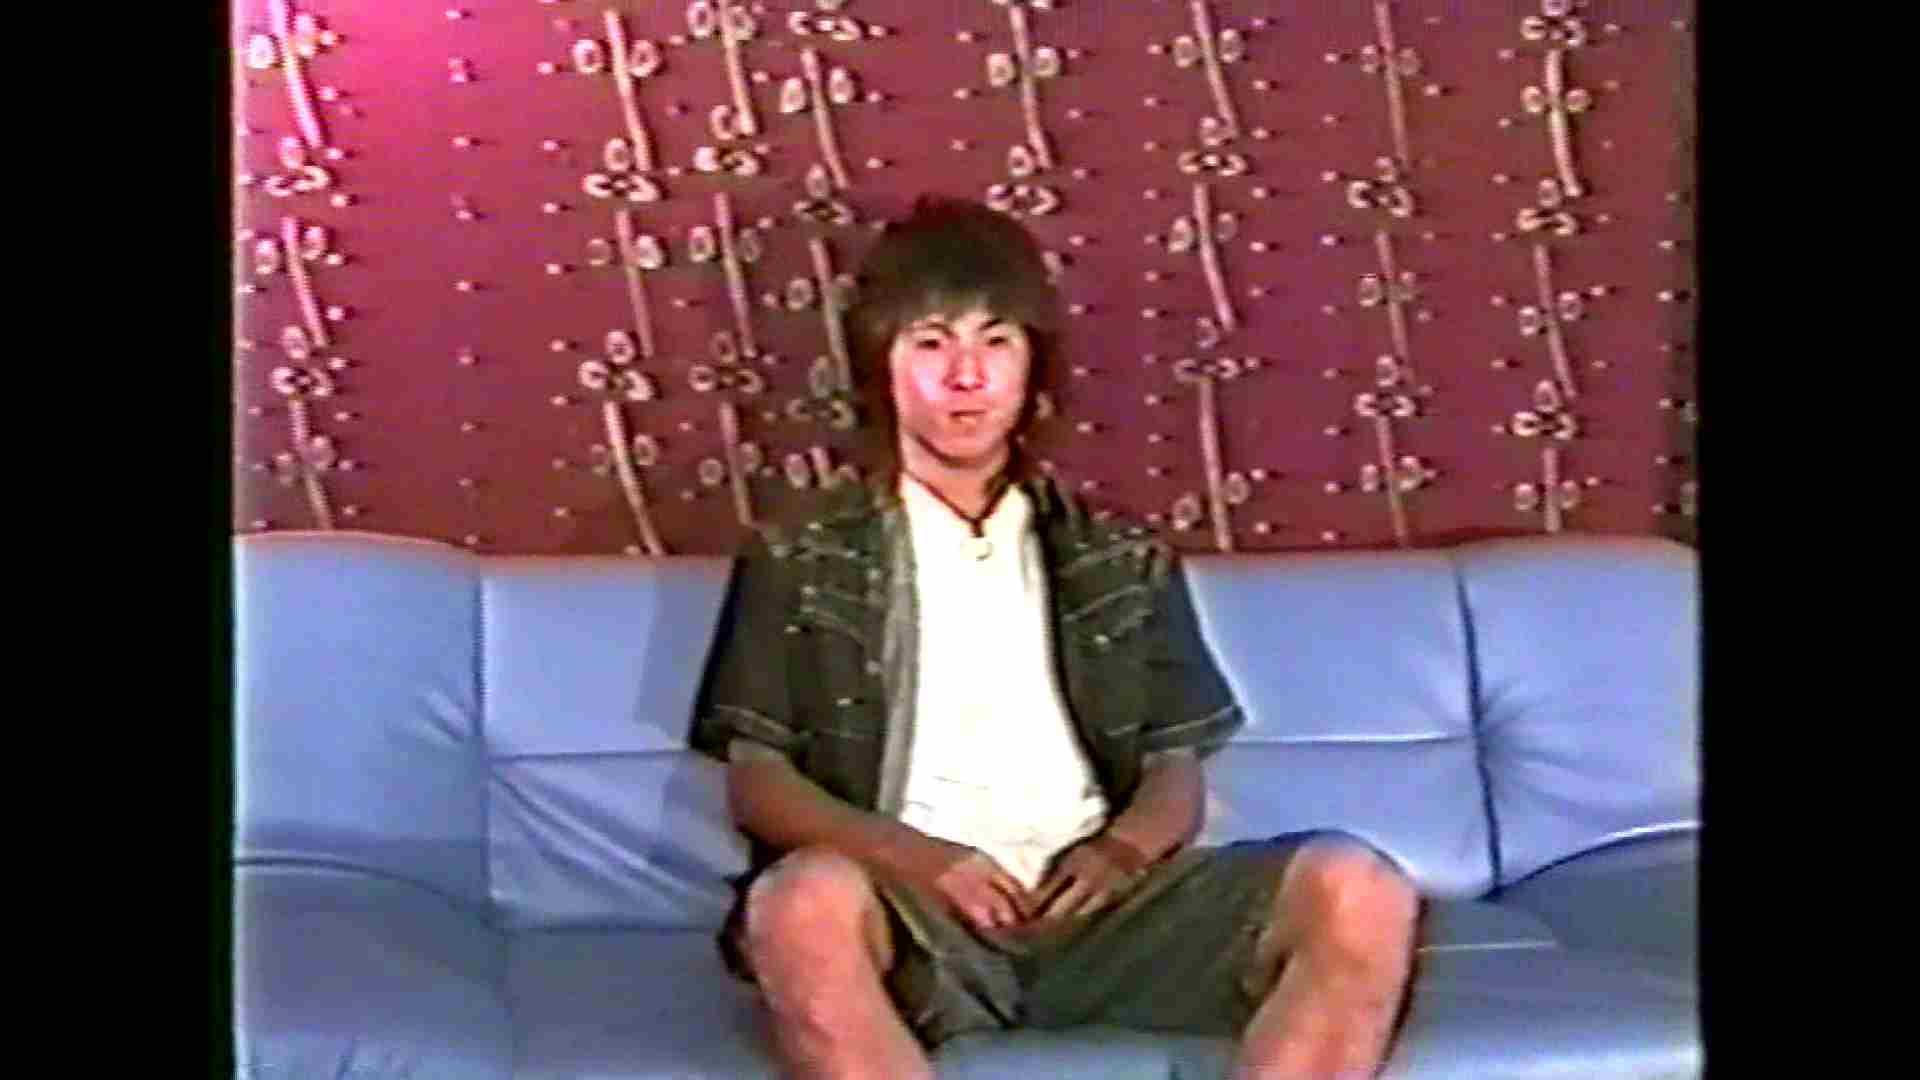 MADOKAさんのズリネタコレクションVol.3-1 ゲイのオナニー 男同士動画 12画像 2